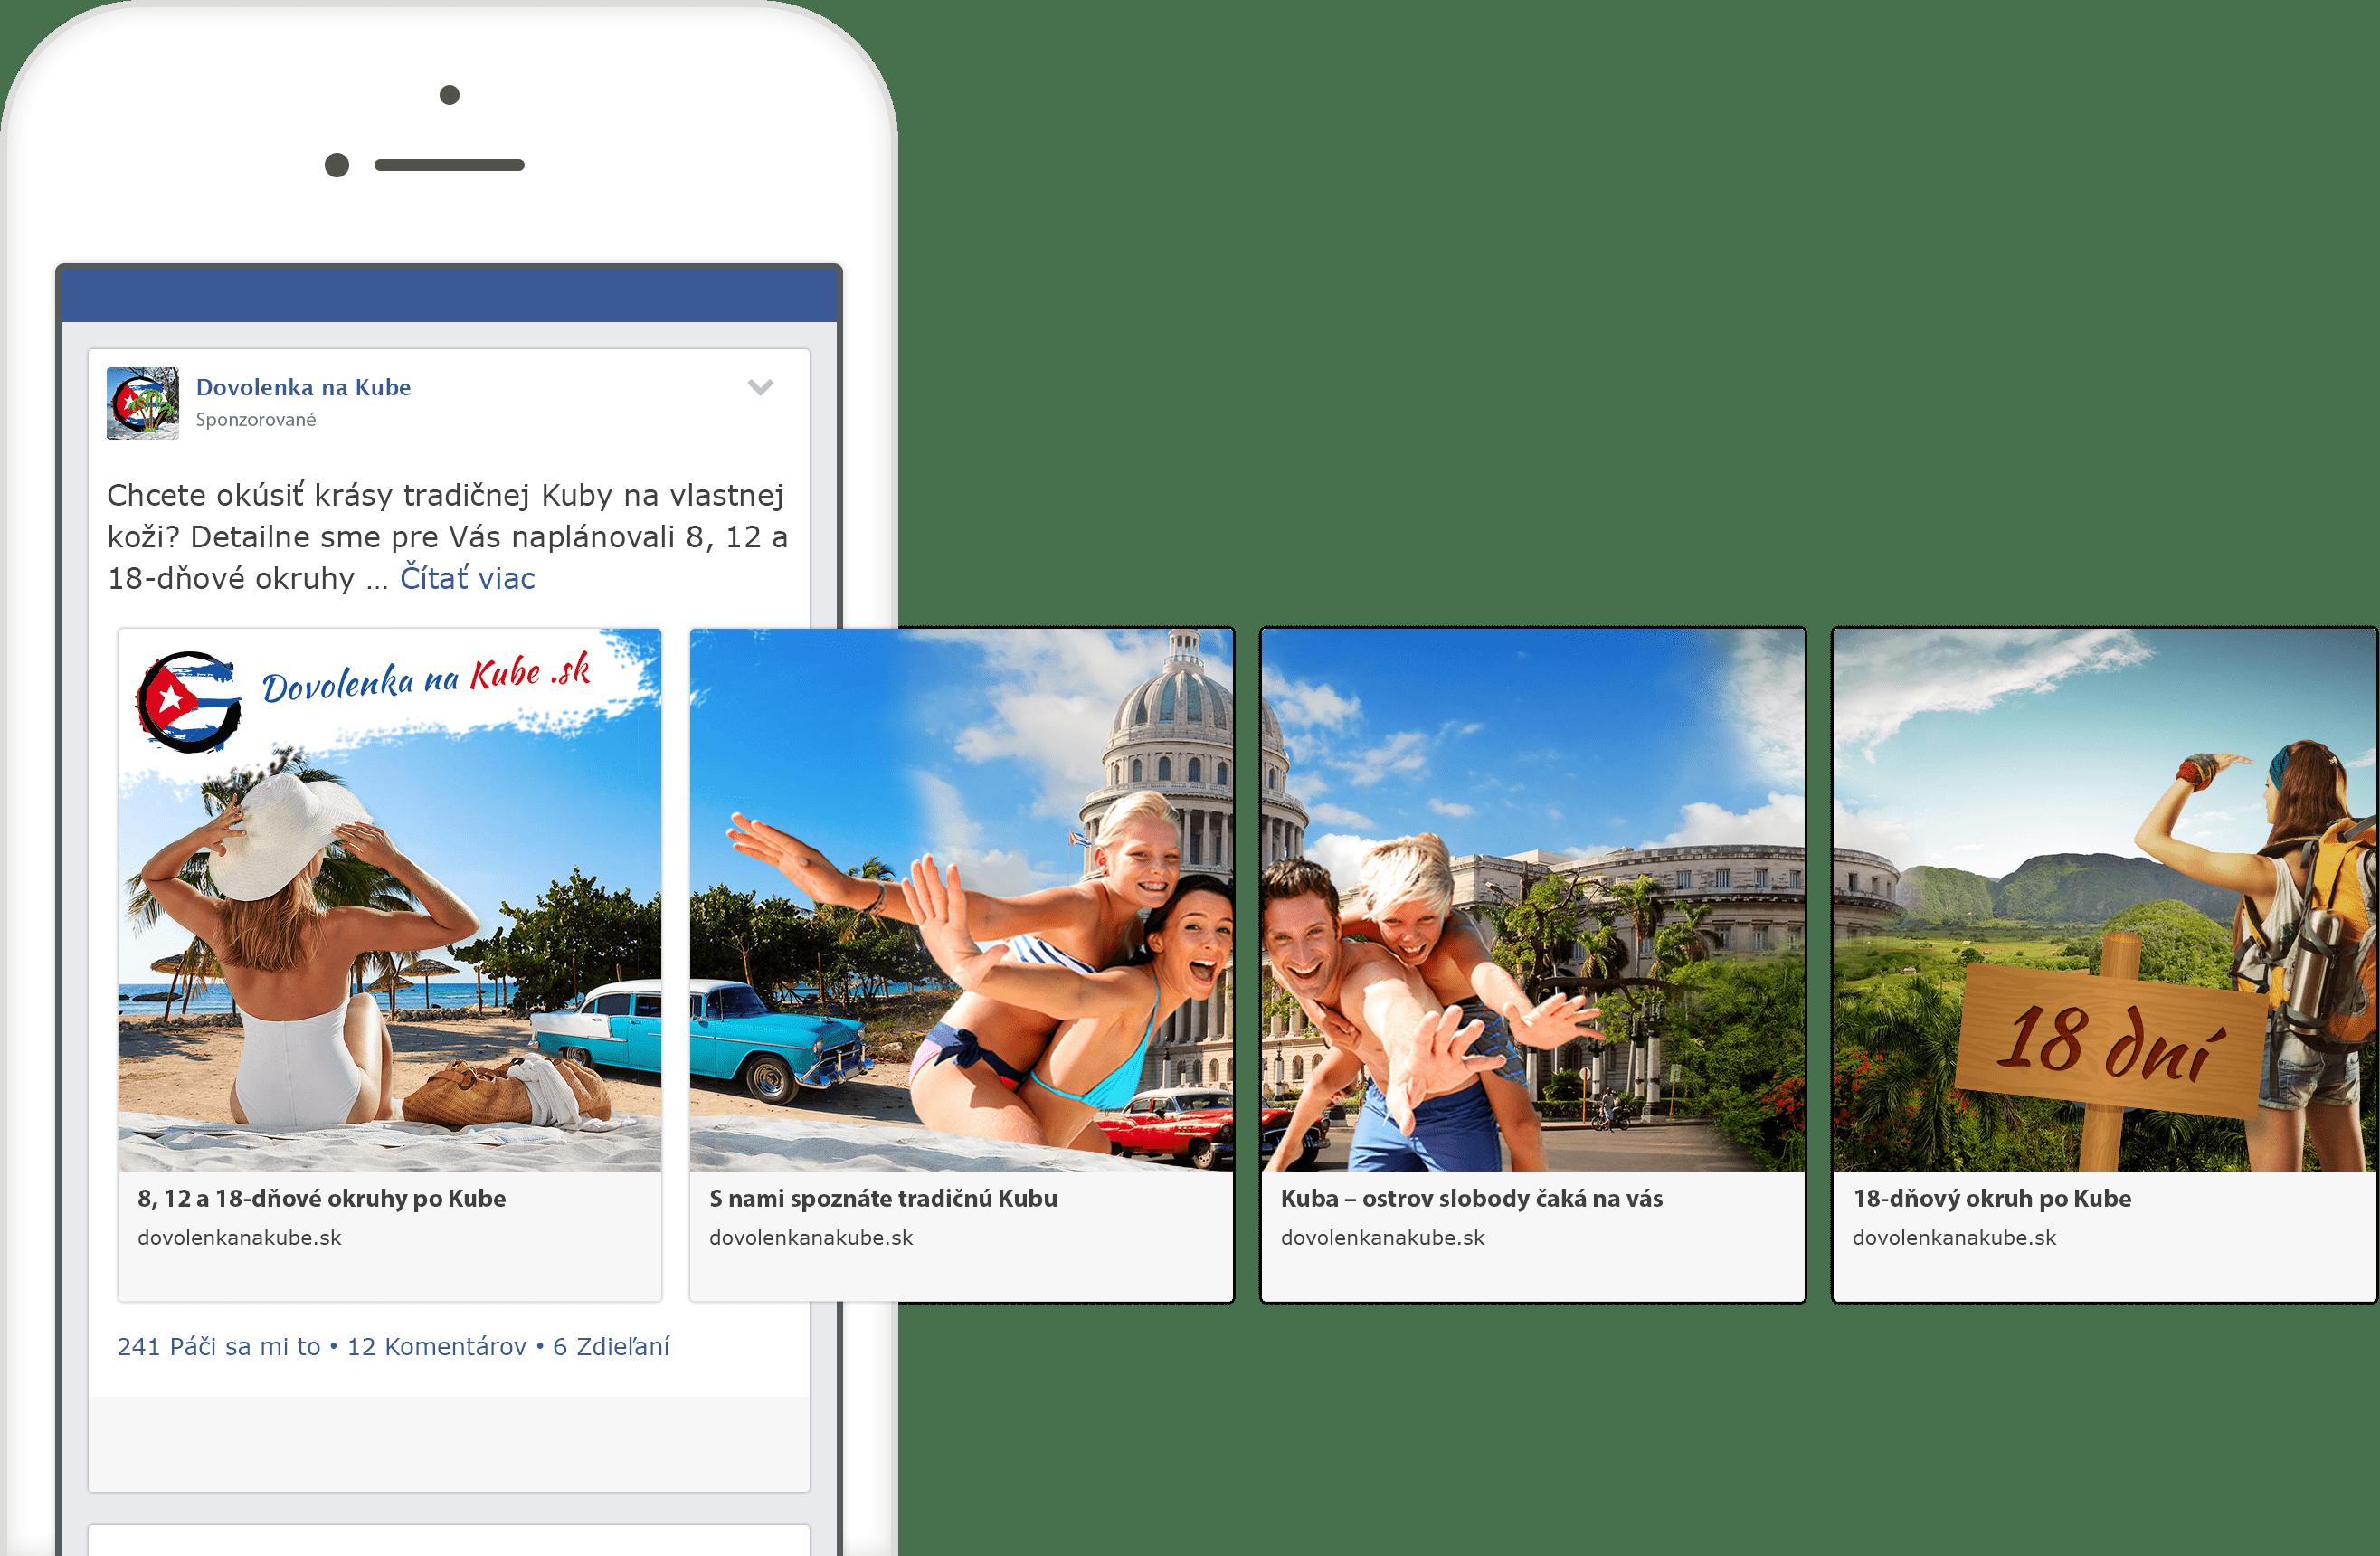 Grafický náhľad reklamy na facebooku pre fanpage Dovolenka na Kube